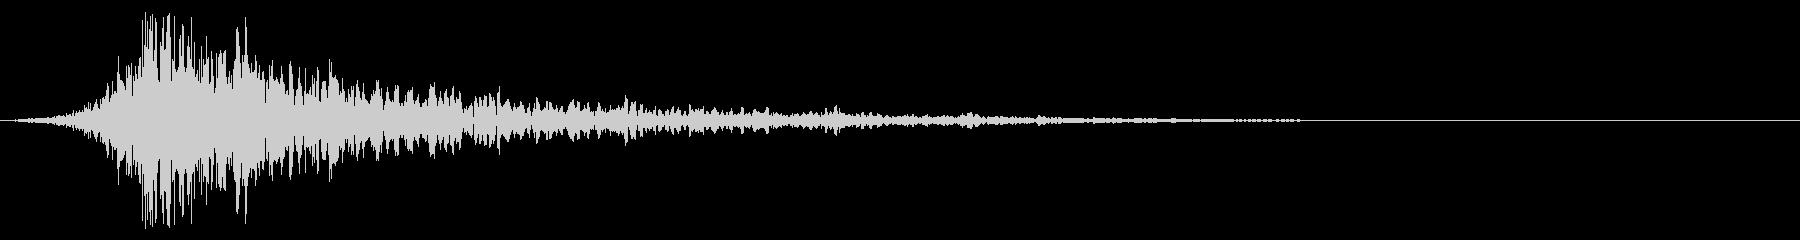 シュードーン-58-1(インパクト音)の未再生の波形